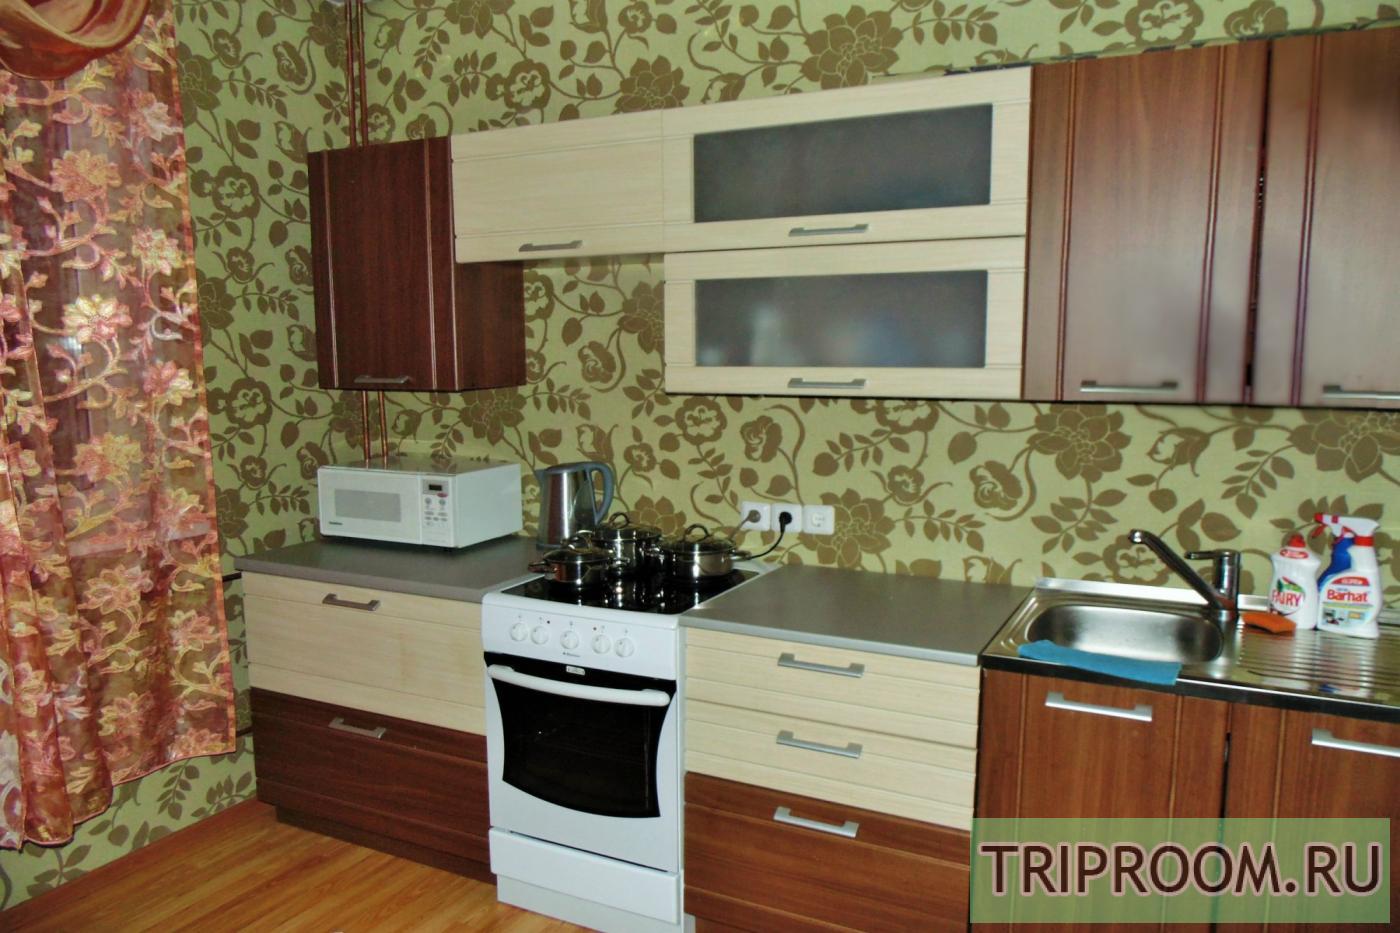 1-комнатная квартира посуточно (вариант № 23639), ул. Невского улица, фото № 5